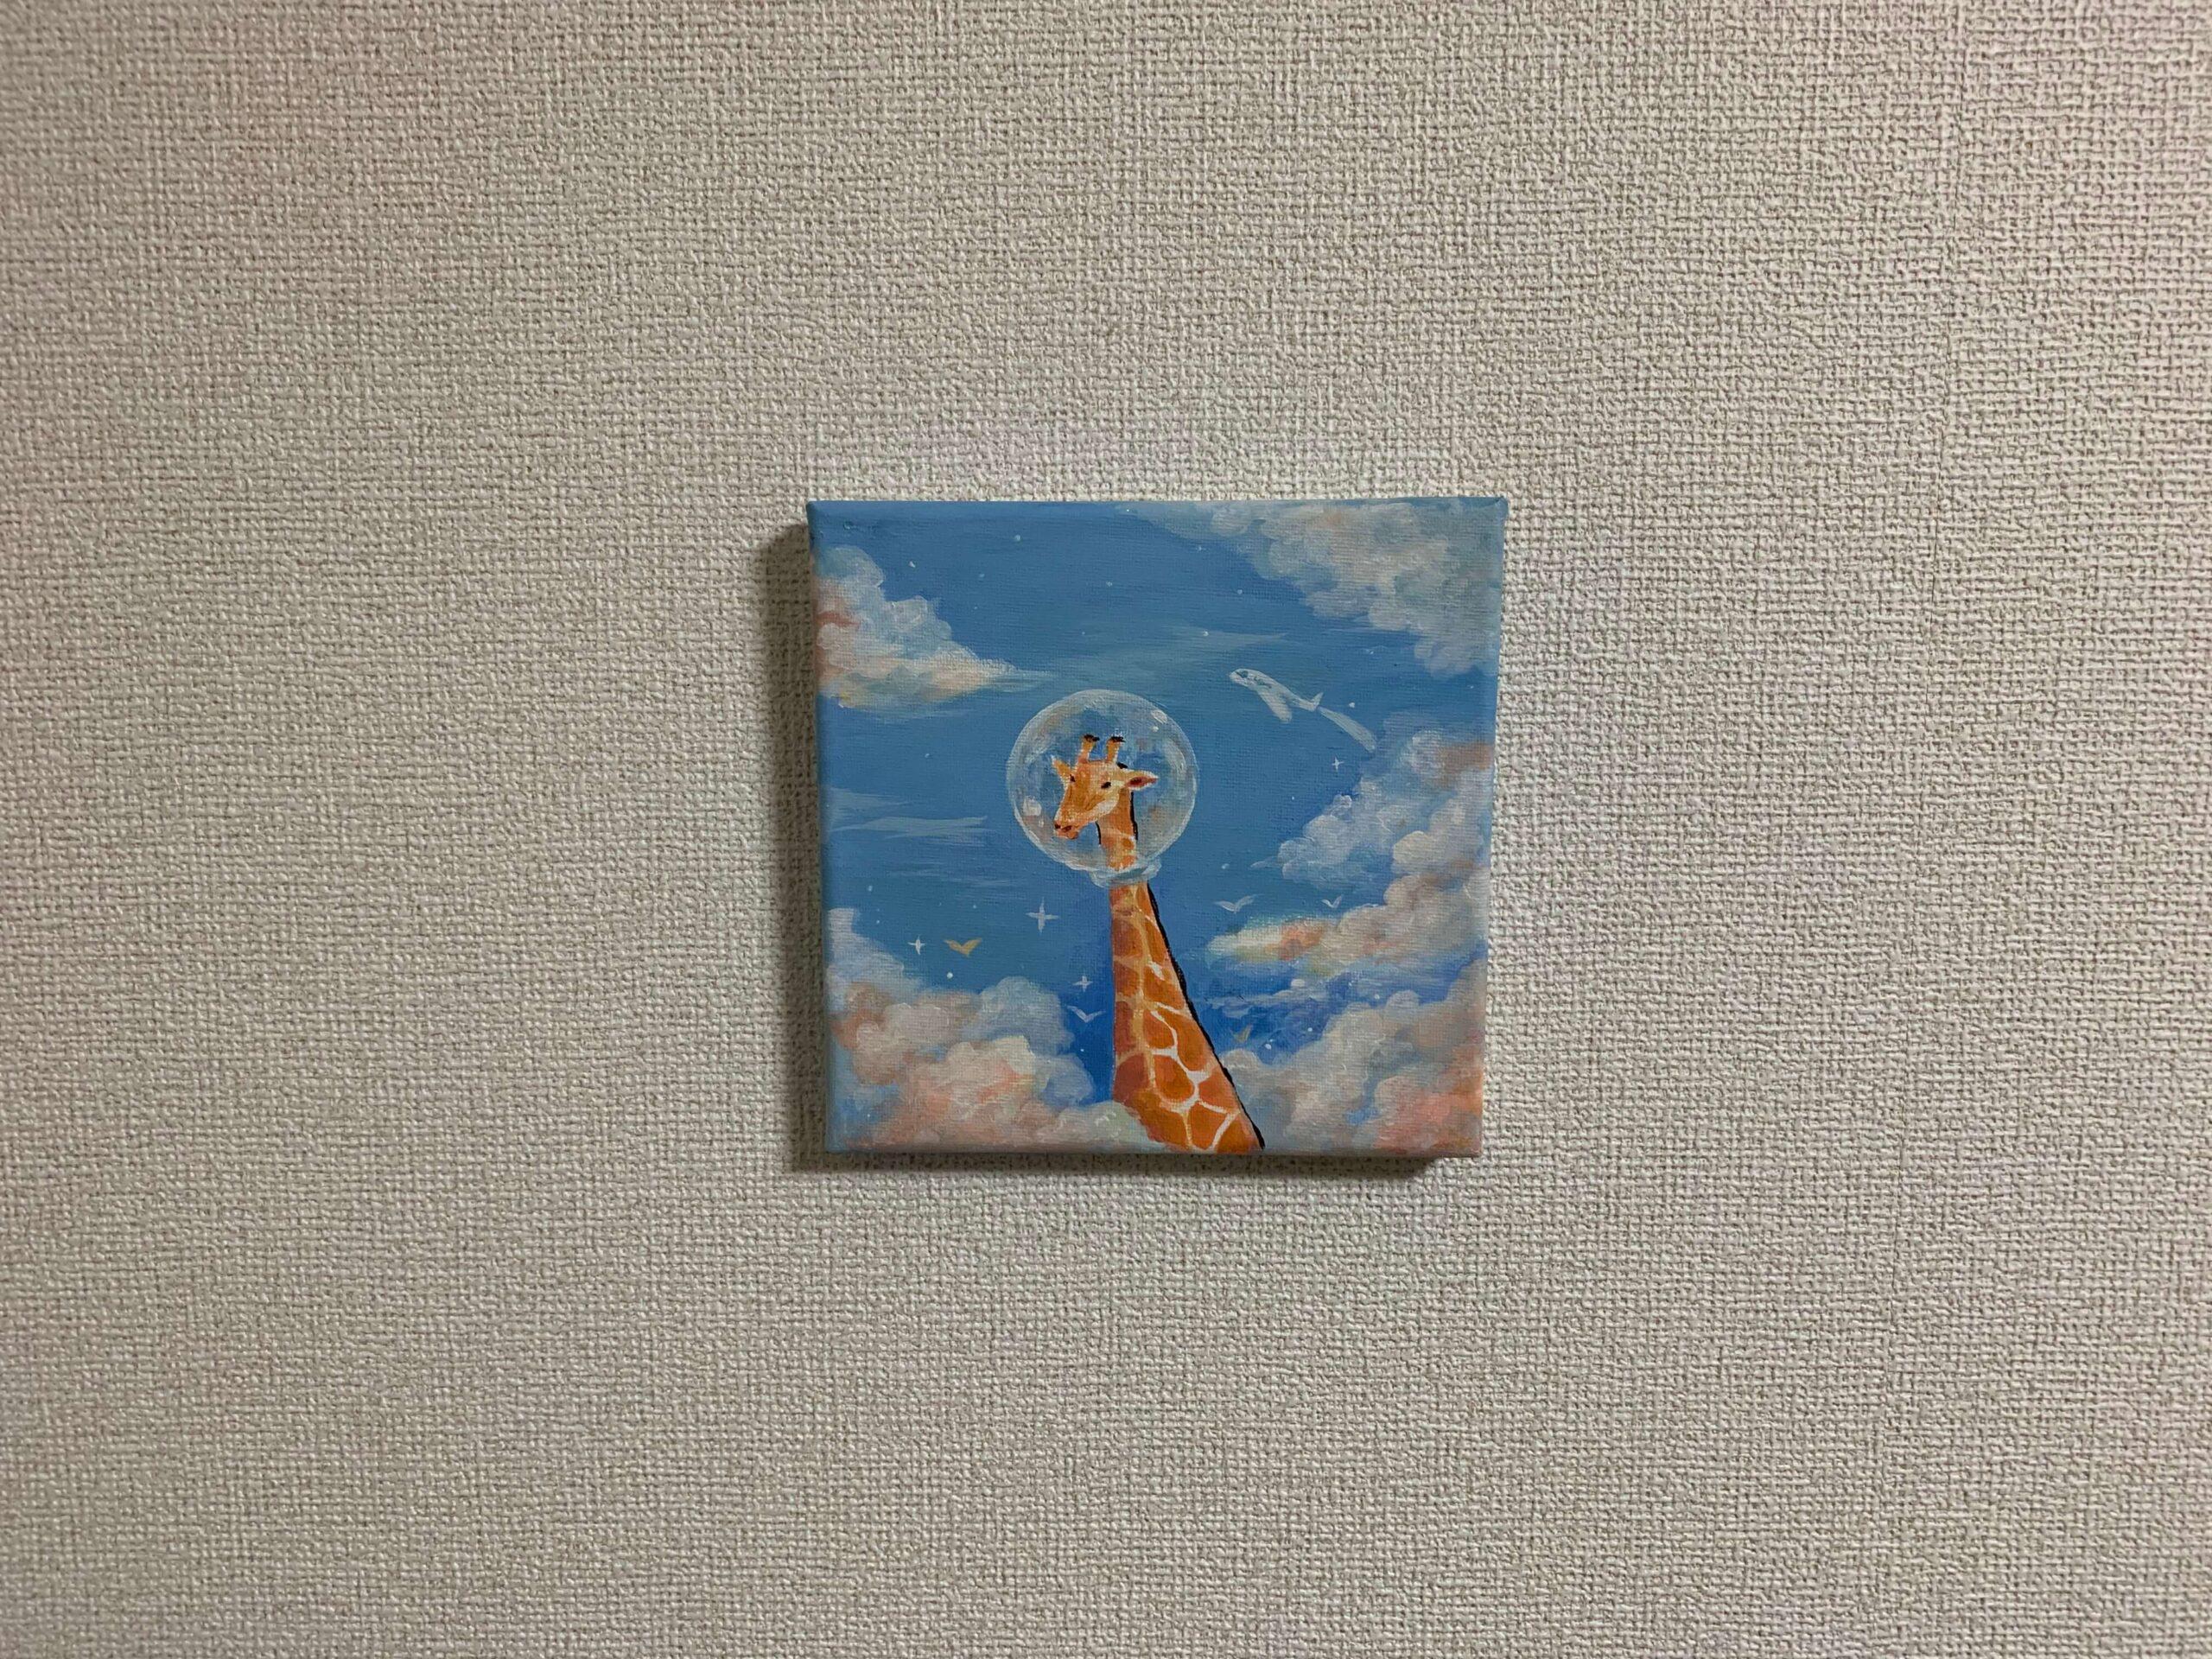 画鋲に絵画をかけてみました。